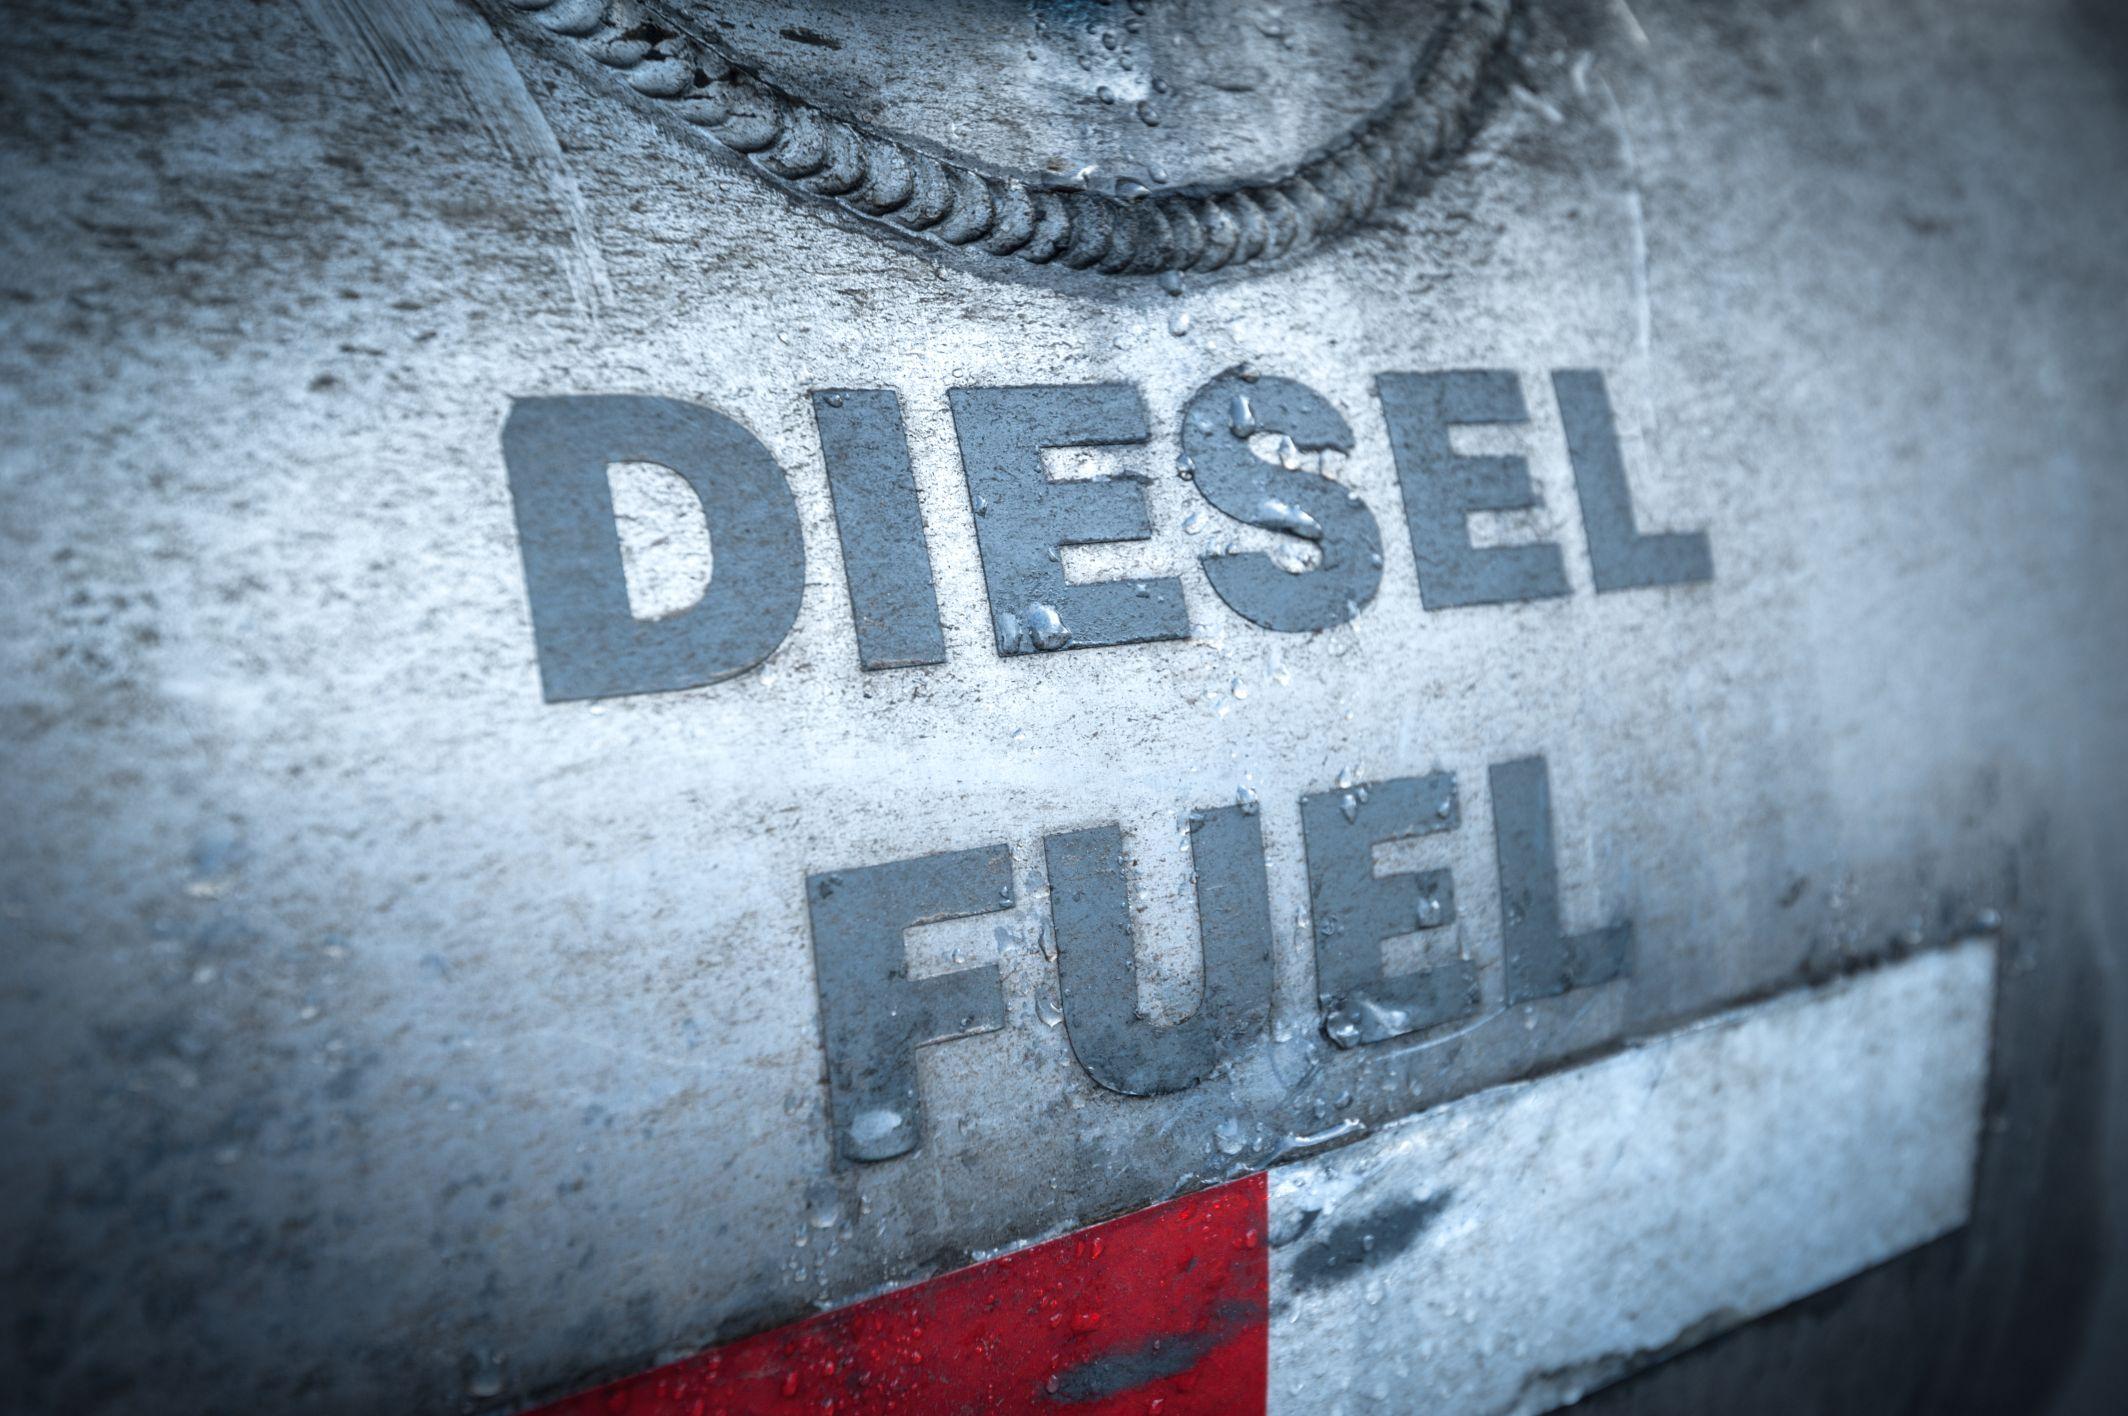 Fuel - Diesel